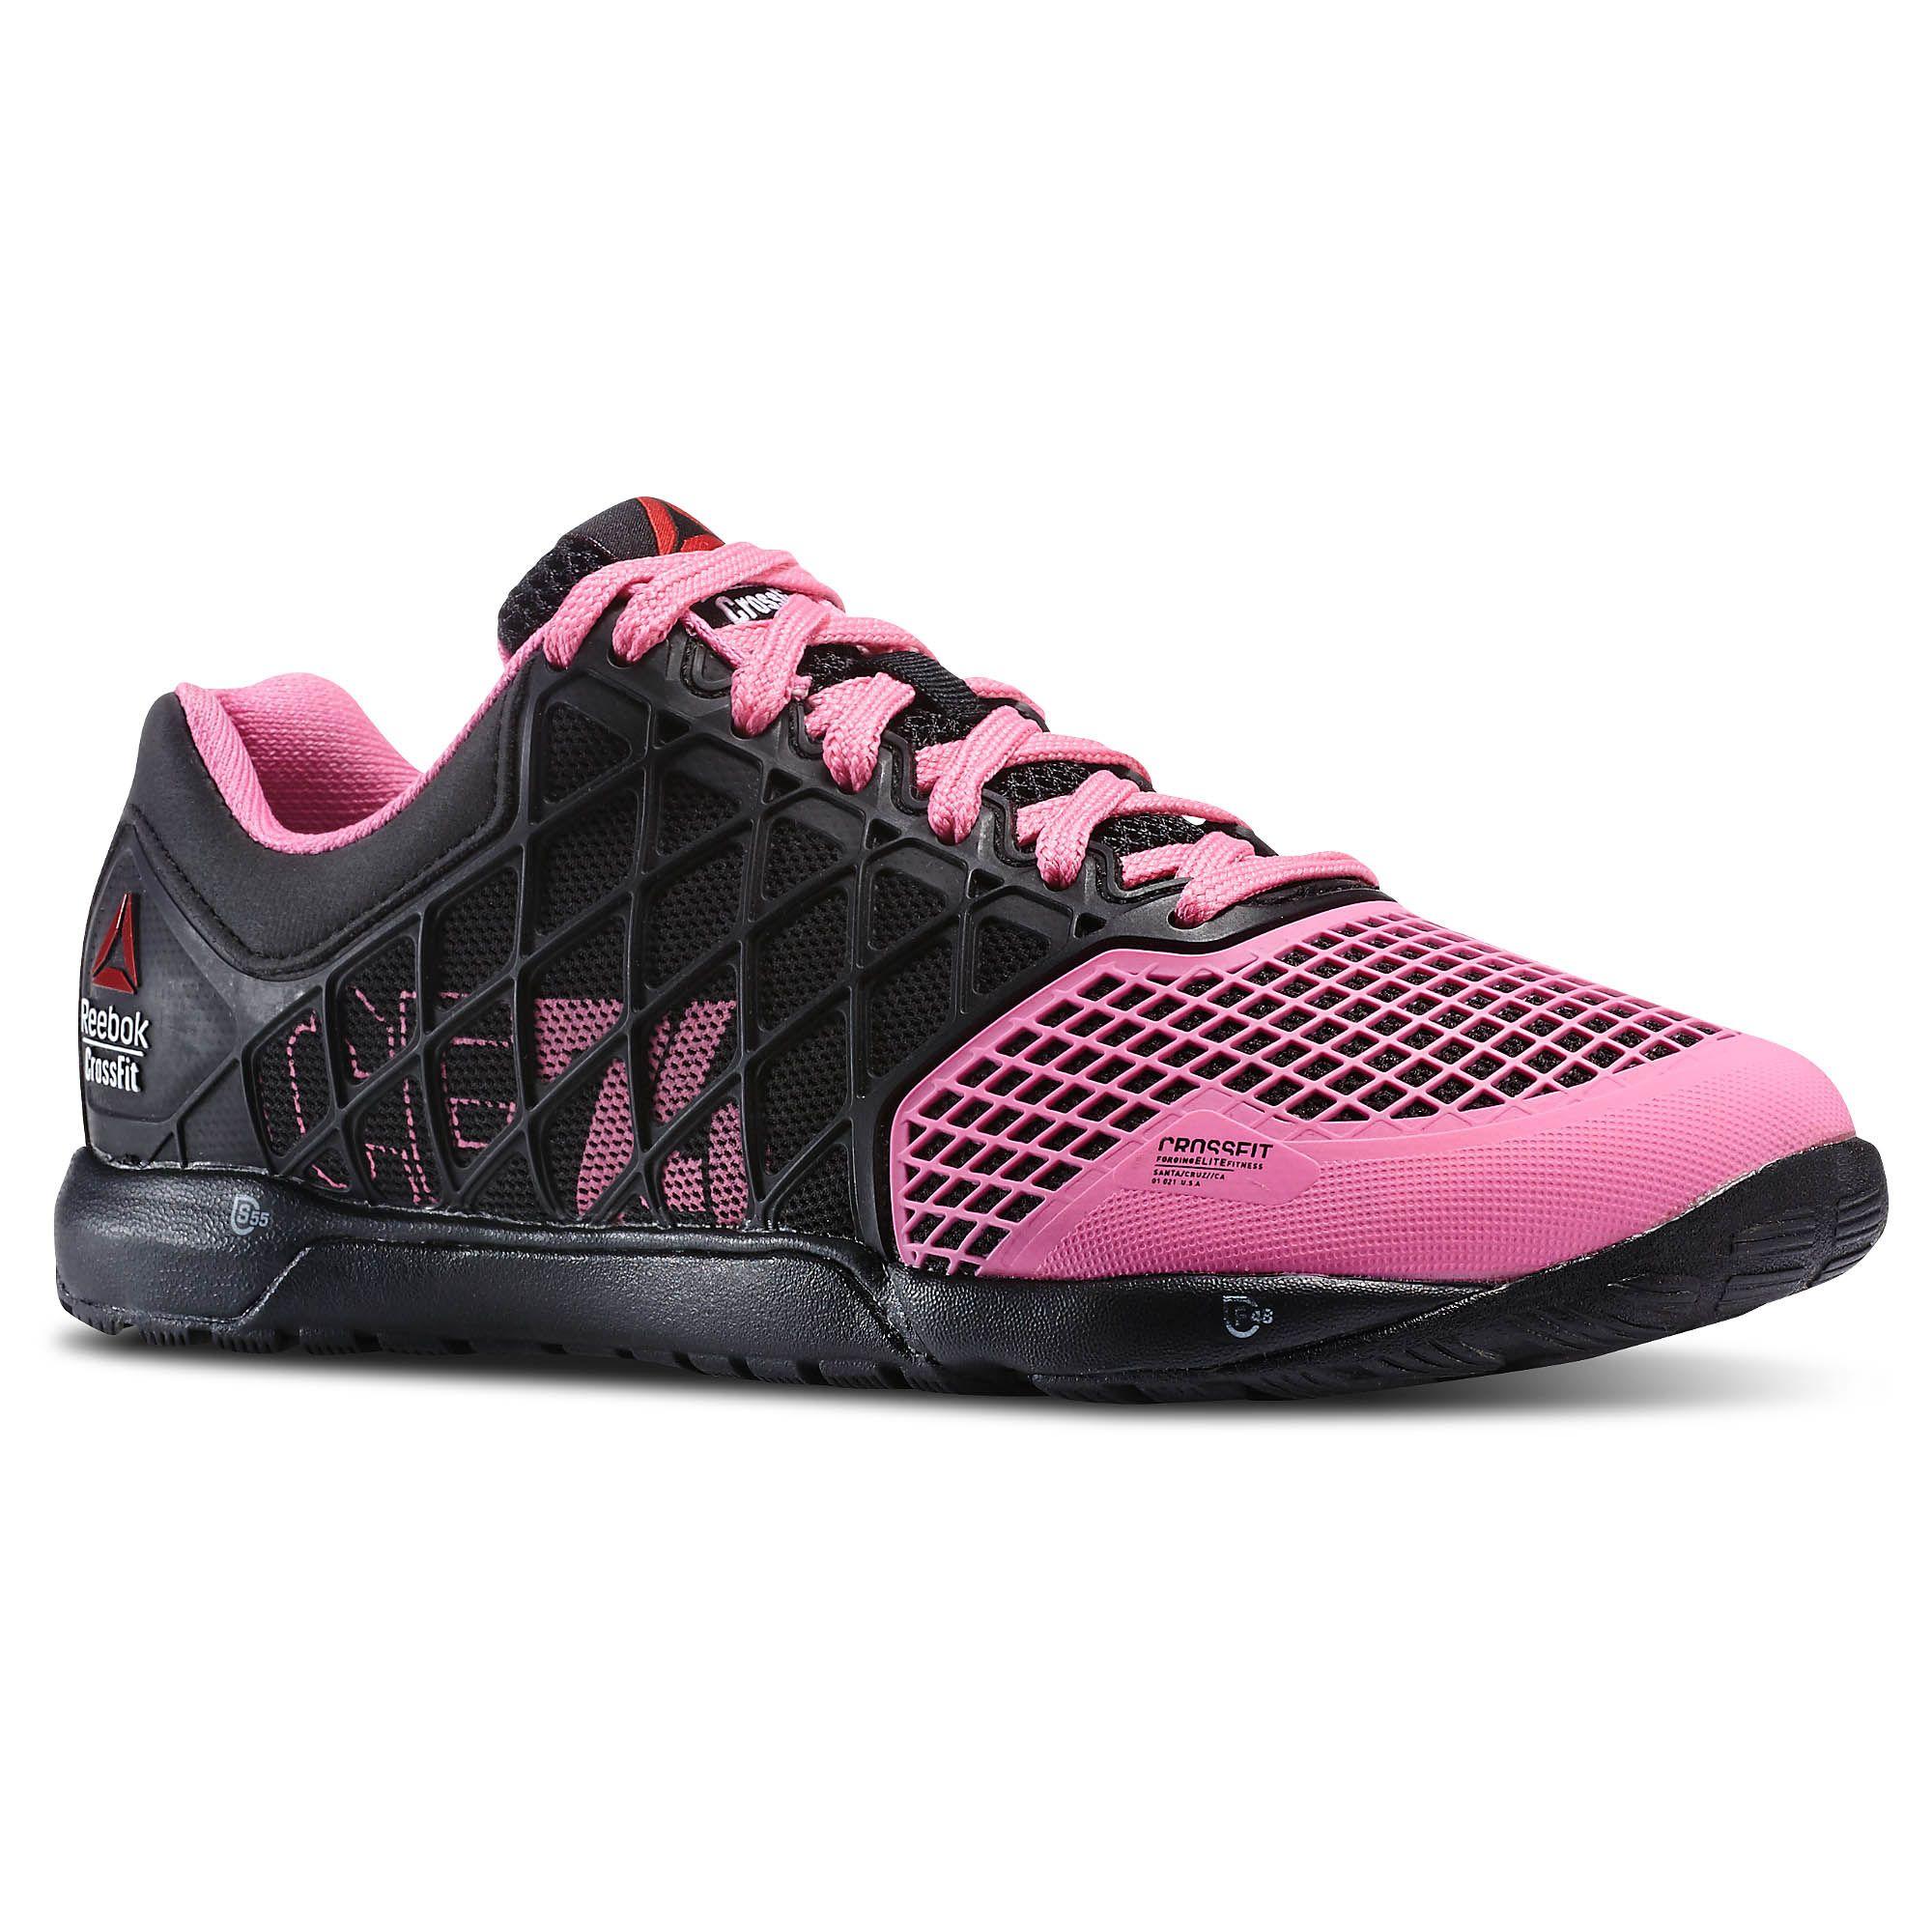 3f0ed797e67 Reebok CrossFit Nano 4.0 Crossfit schoenen - Gewichthefschoenen.nl